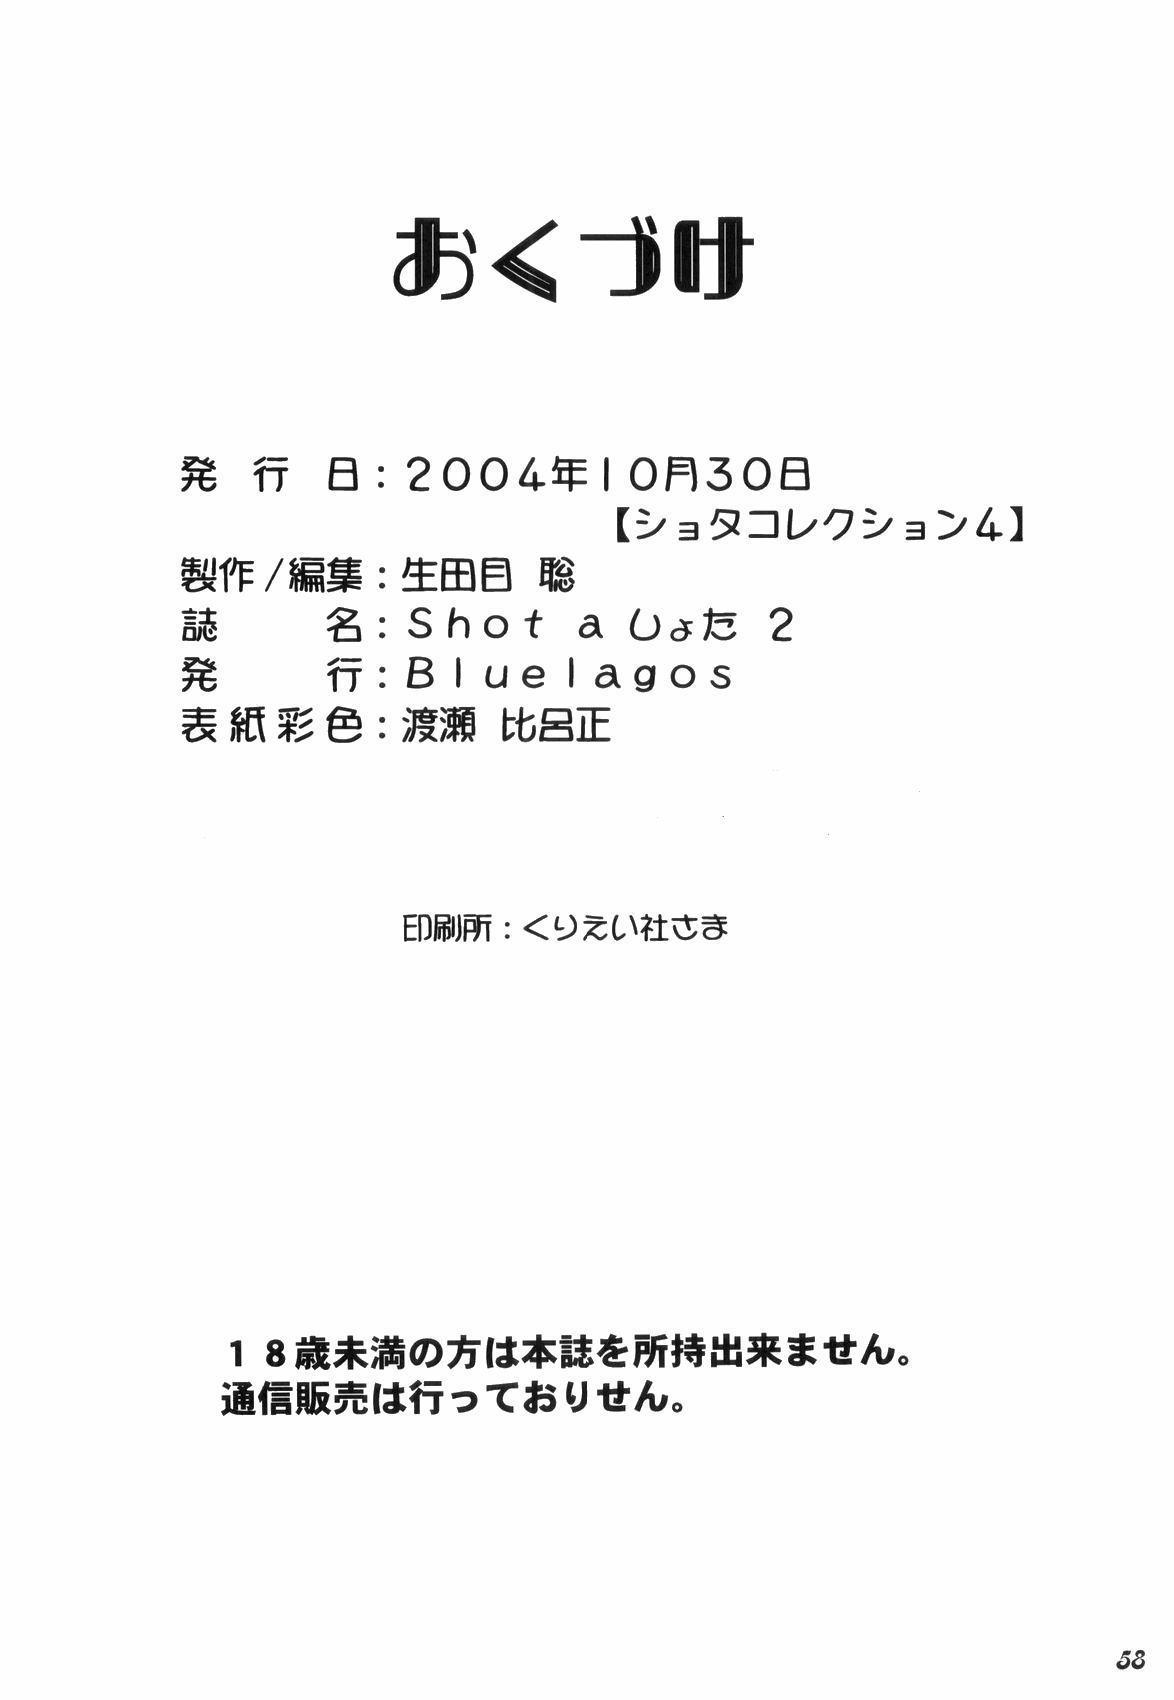 Shot a Shota 2 56